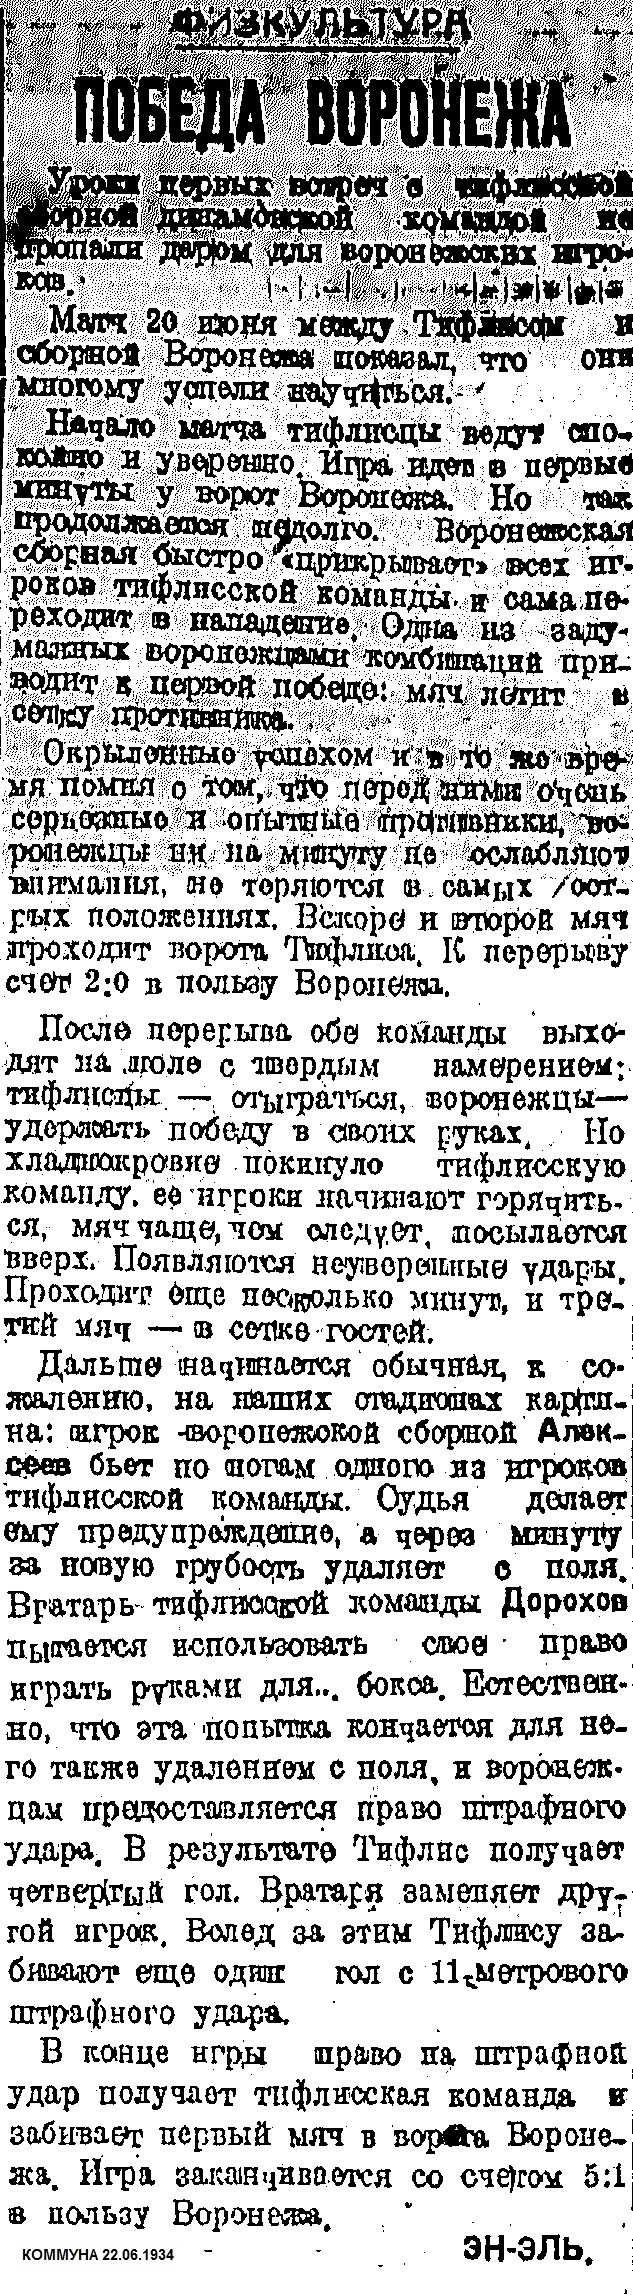 Сборная Воронежа - Динамо (Тбилиси) 5:1